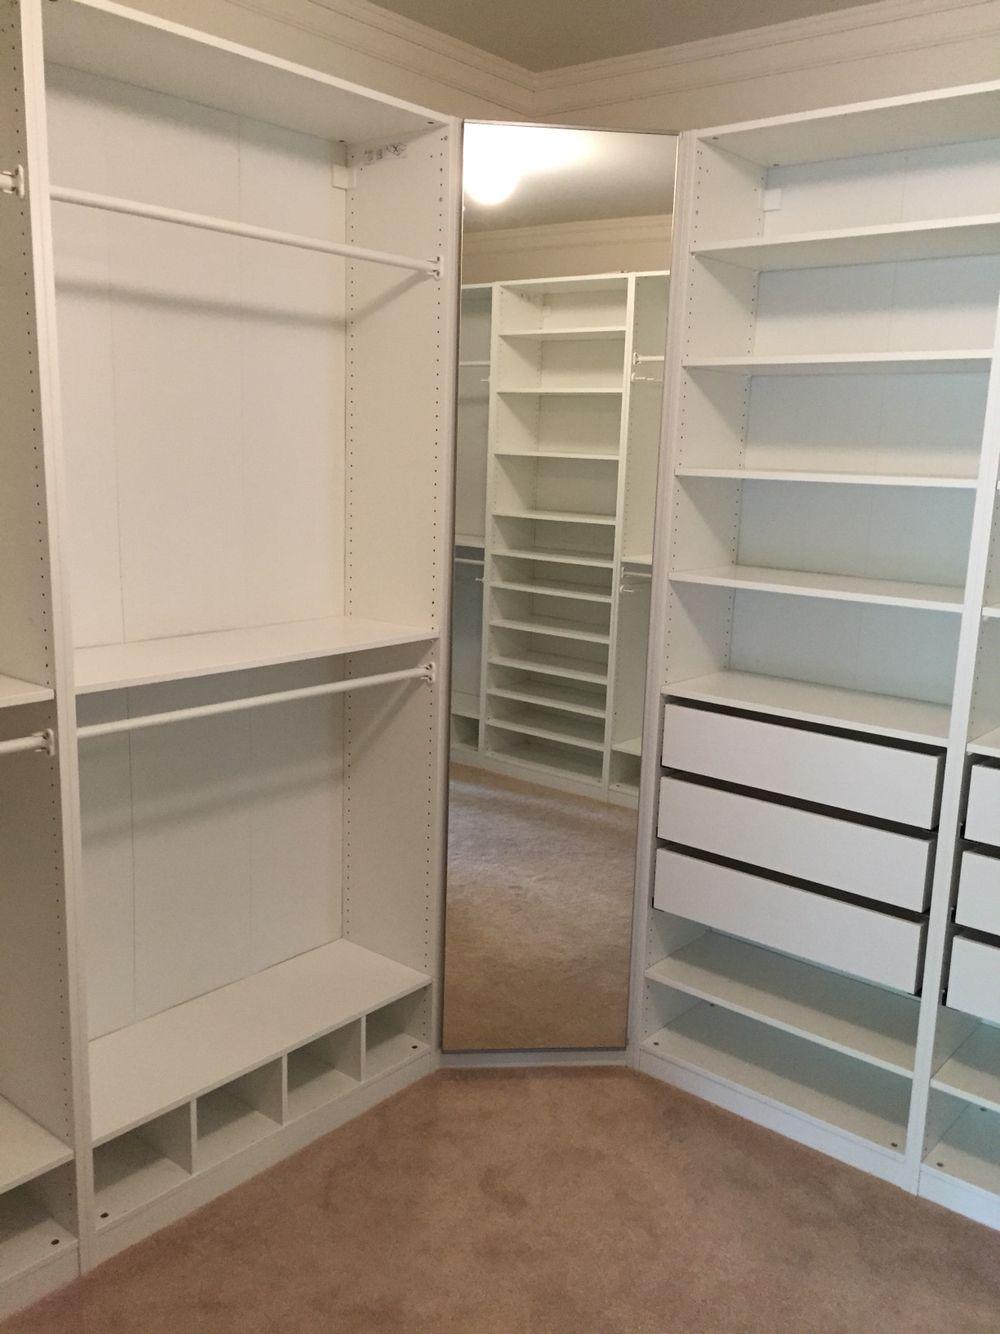 Walk In Closet Pax Ikea Closet In 2019 Walk In Closet